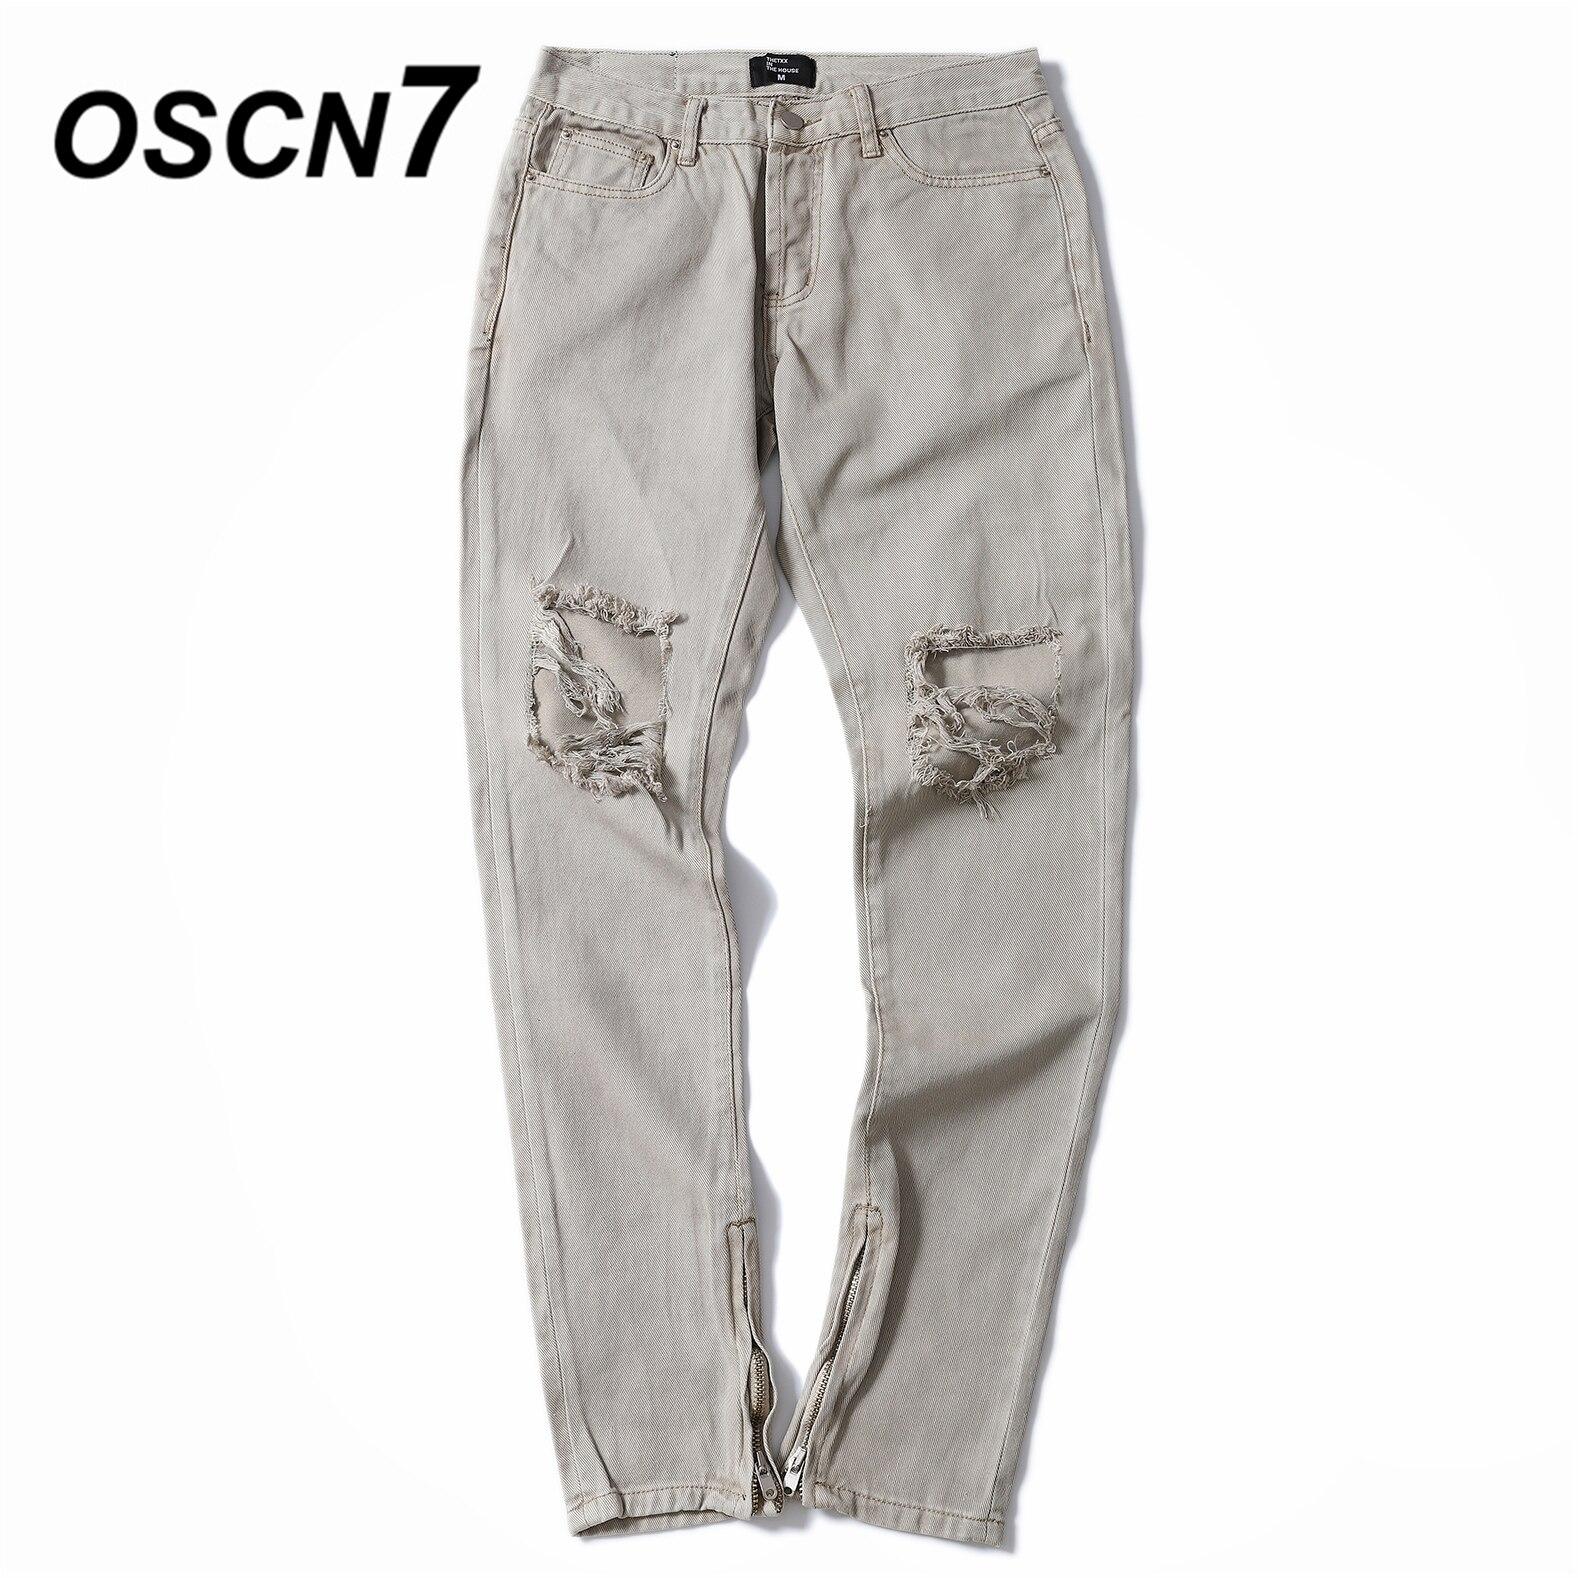 Hop Hommes wqBRBFYS Gzt010 Noir Trou Solide Jeans Streetwear Mode Haute Denim Pantalon Couleur Oscn7 Hip kaki gOw6ZqB